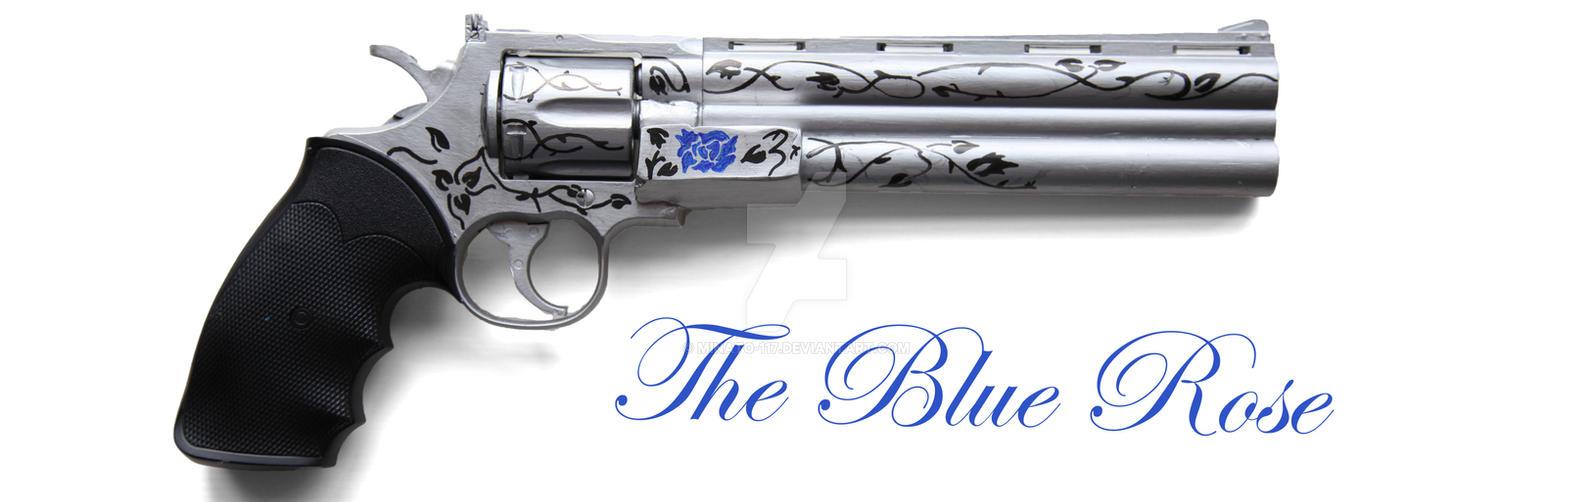 Best Blue Guns For Crafts